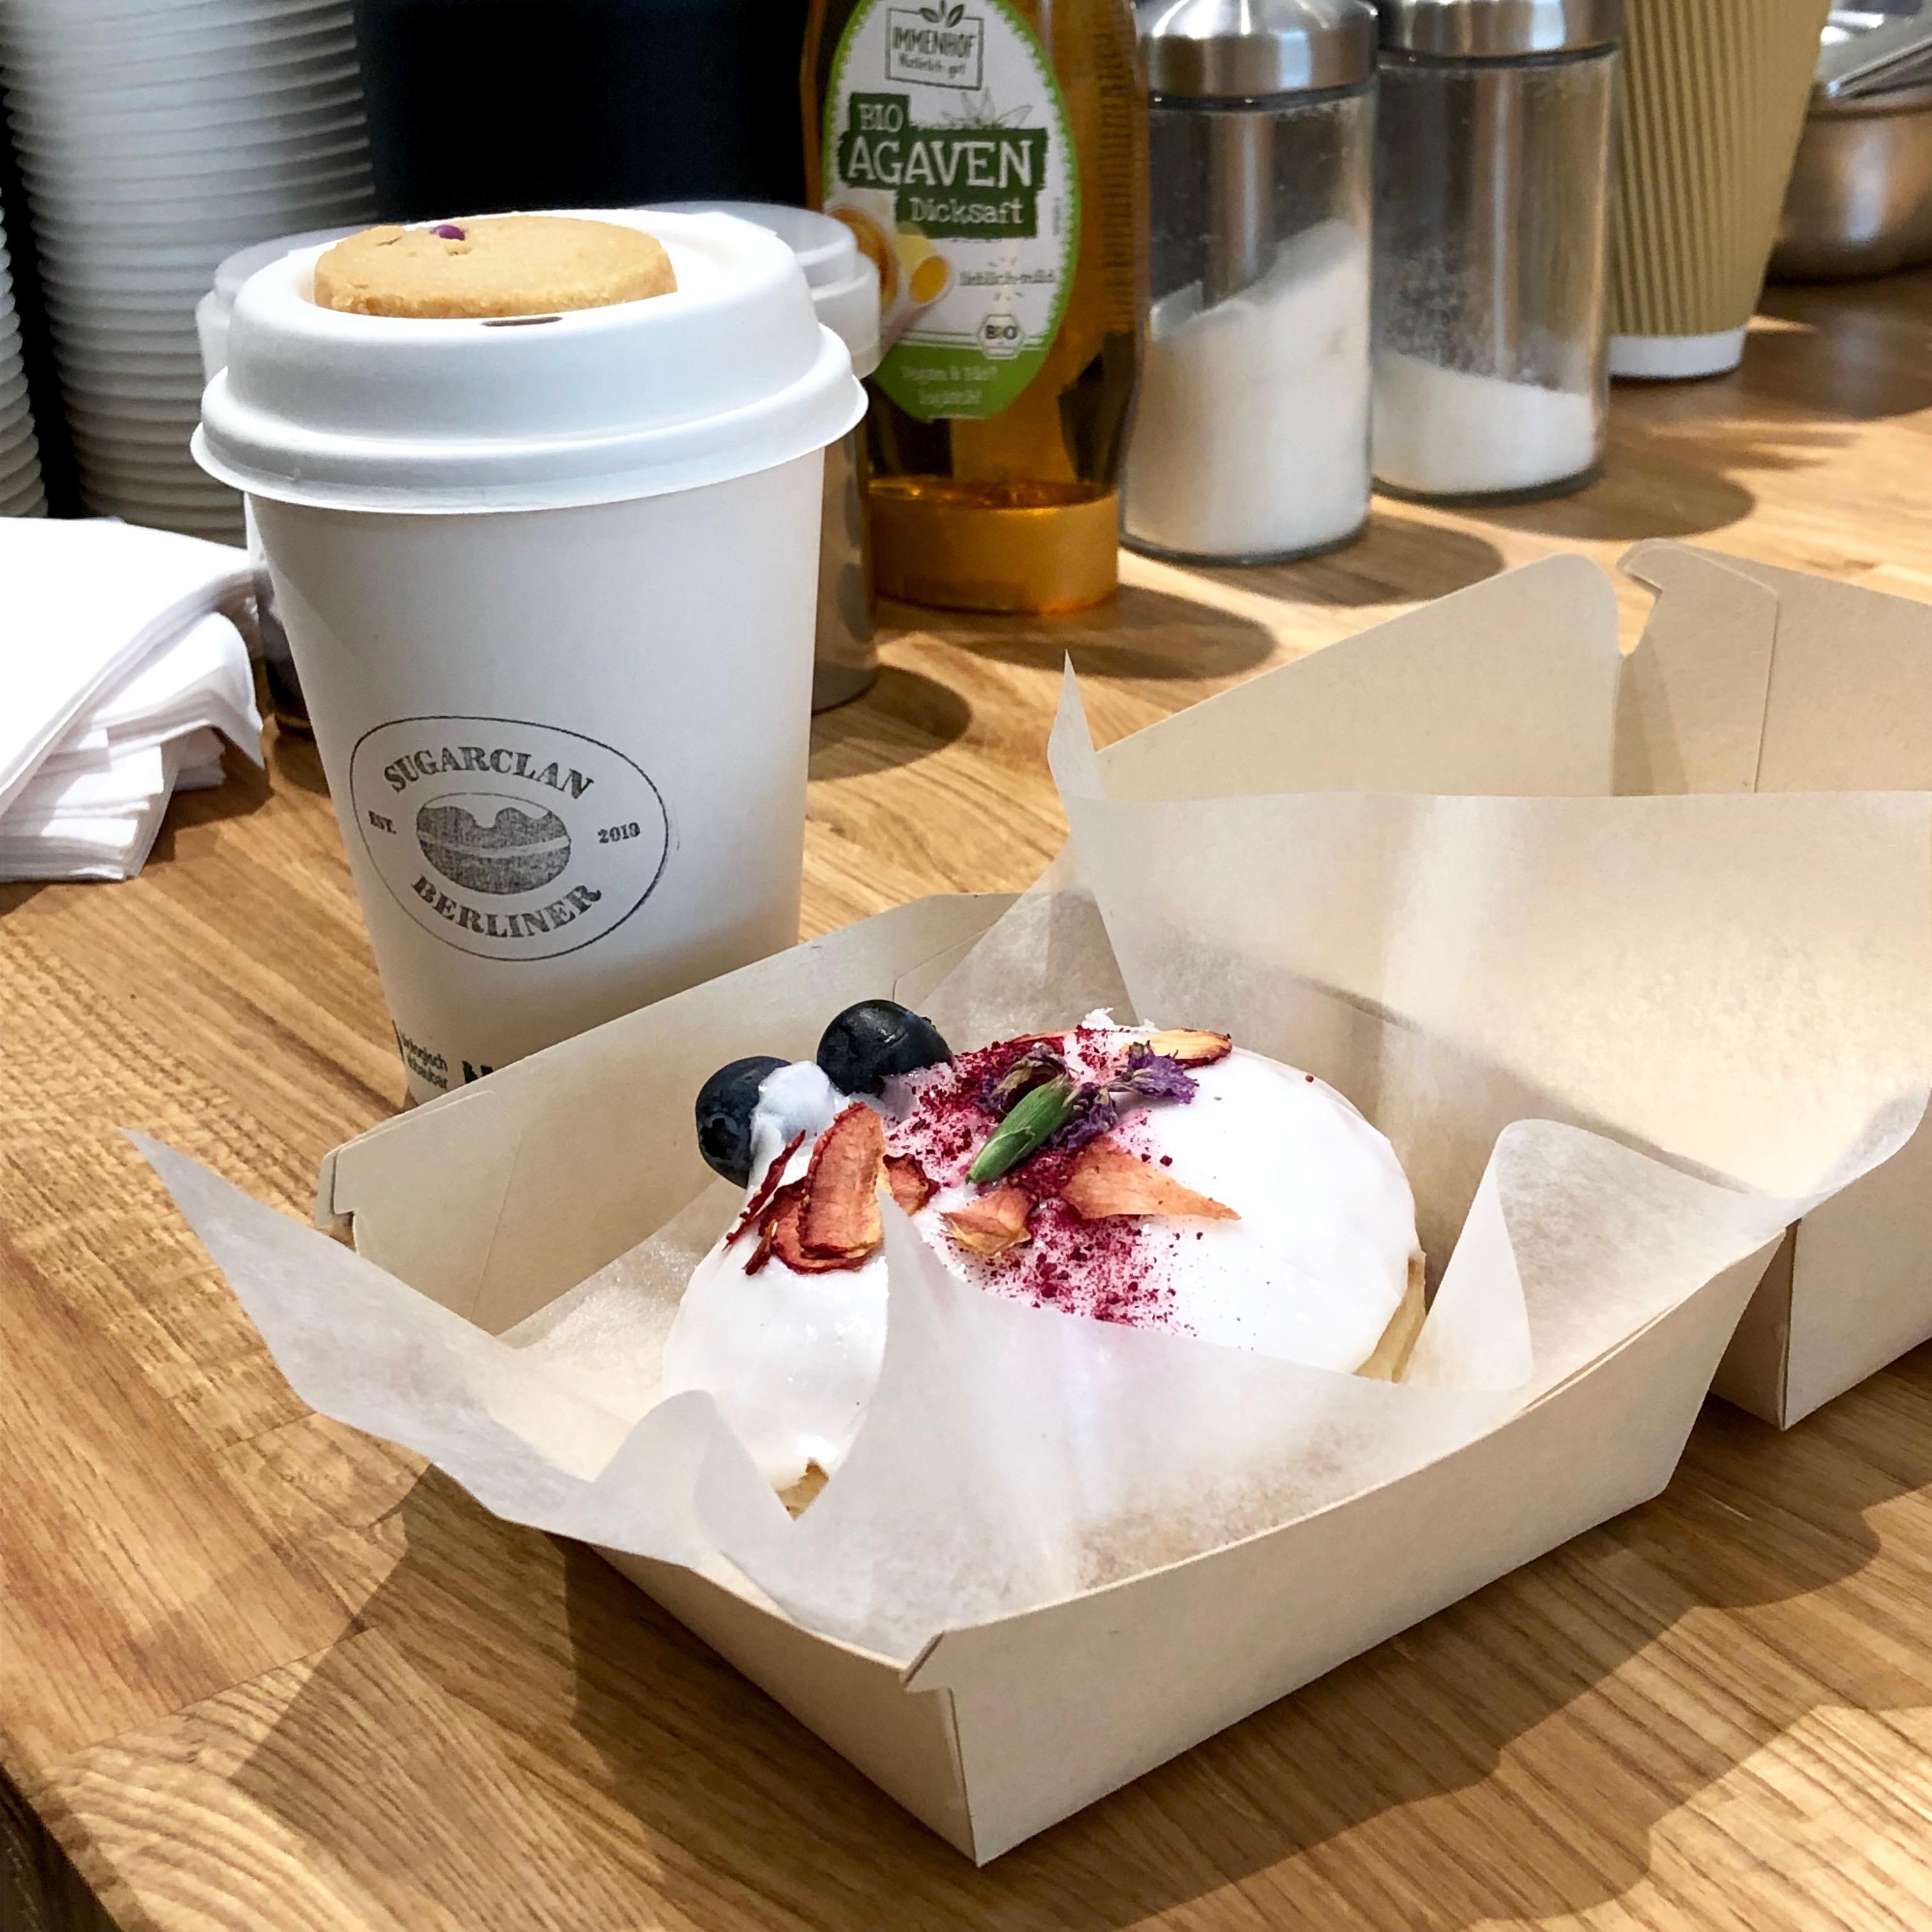 MISCELA CLASSICO - Die Traditionsmischung von Giuseppetti Kaffee besteht zu 50% aus südamerikanischen und indischen Arabica Bohnen und zu 50% aus zentralafrikanischen Kenia und Mosambik Robusta Bohnen. Alle Bohnen werden gewaschen und in traditioneller Form schonend, also mit leichtem ständigen Temperaturanstieg frisch geröstet und entfalten so einen vollen, abgerundeten Geschmack. Diese Mischung eignet sich hervorragend für die Herstellung von Milchkaffeeprodukten oder kräftigem Espresso.